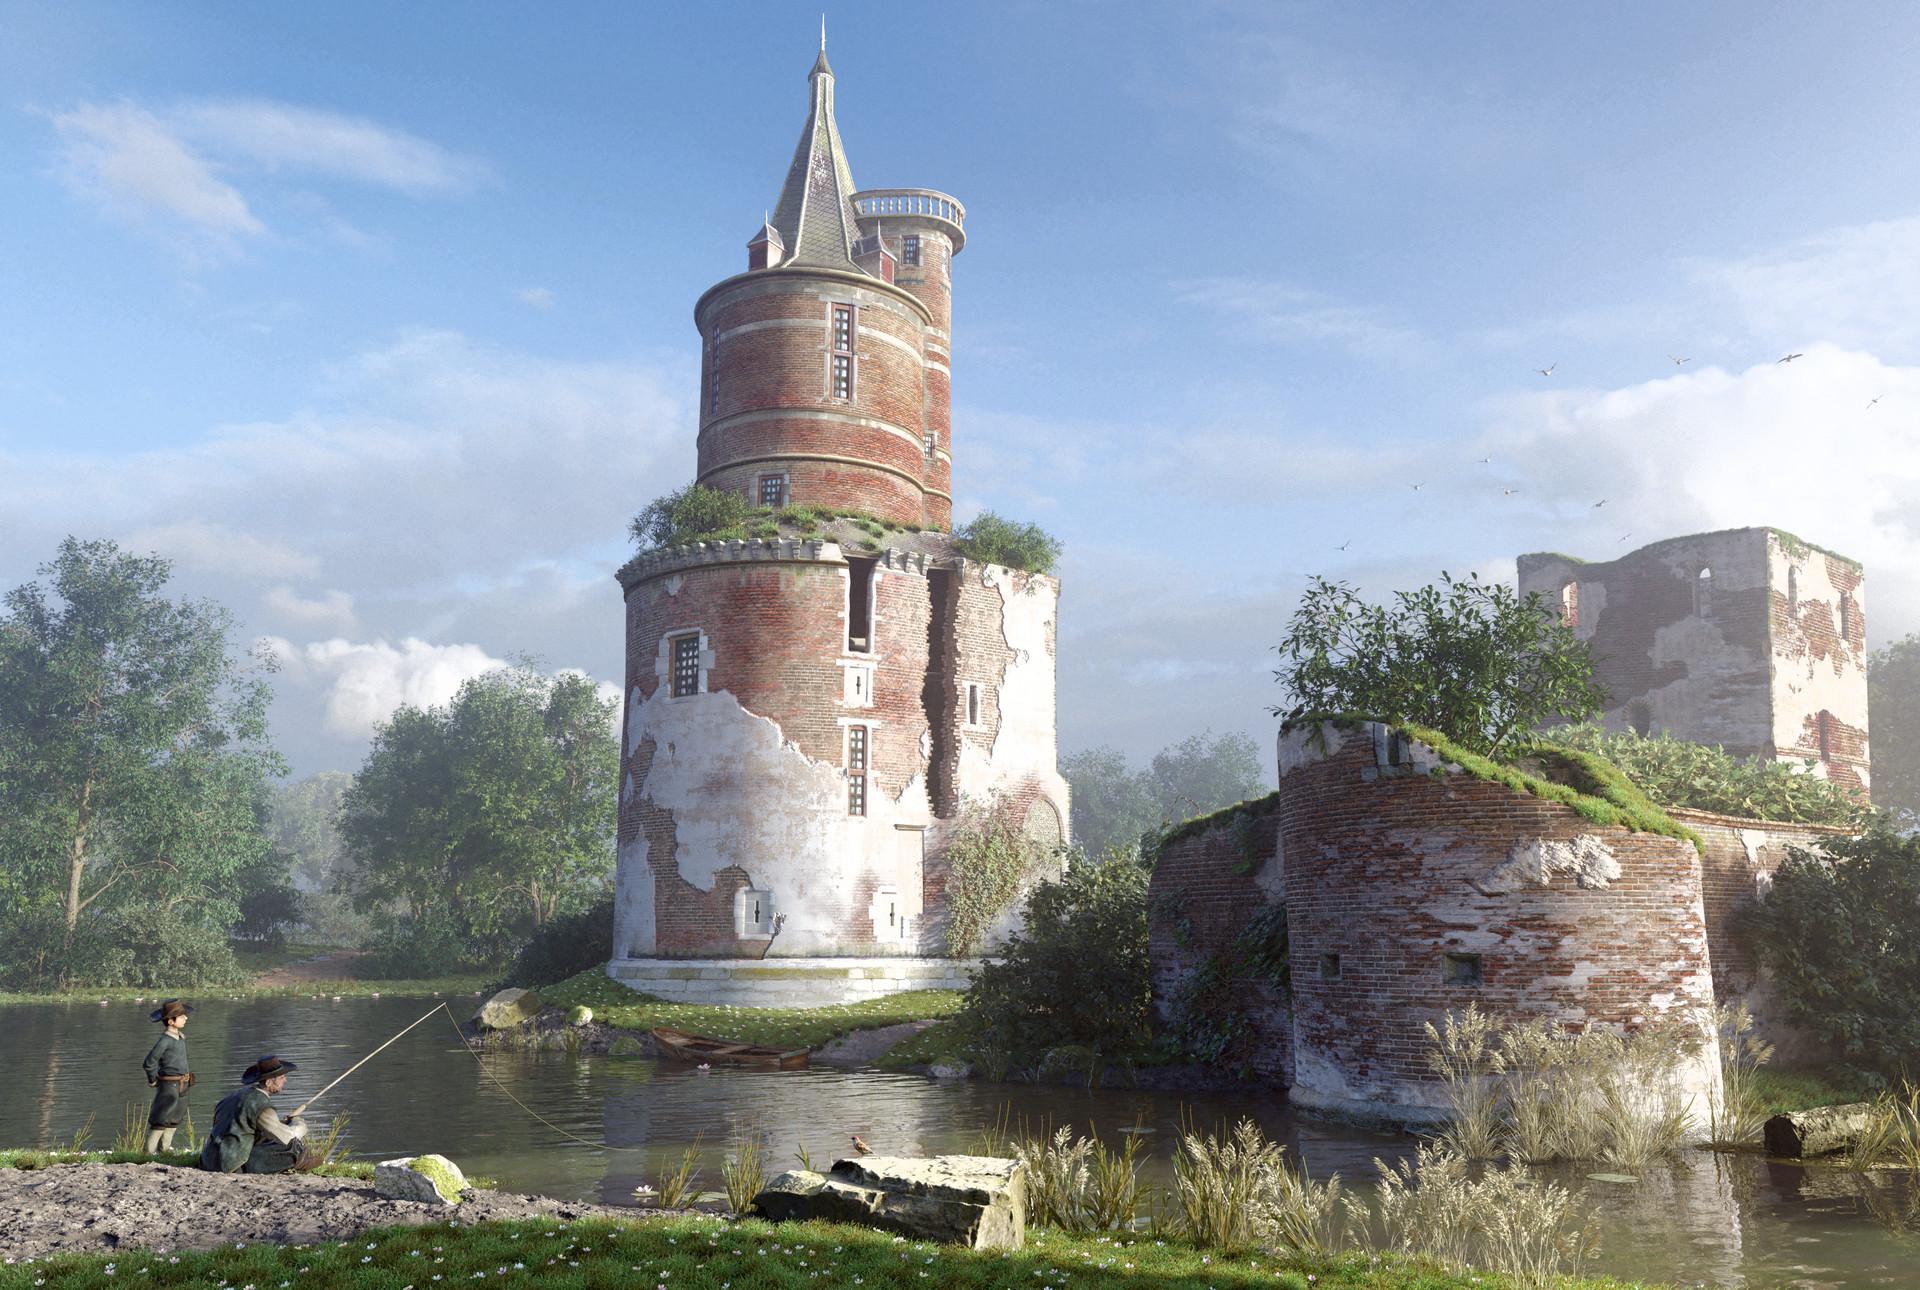 castle_duurstede.jpg